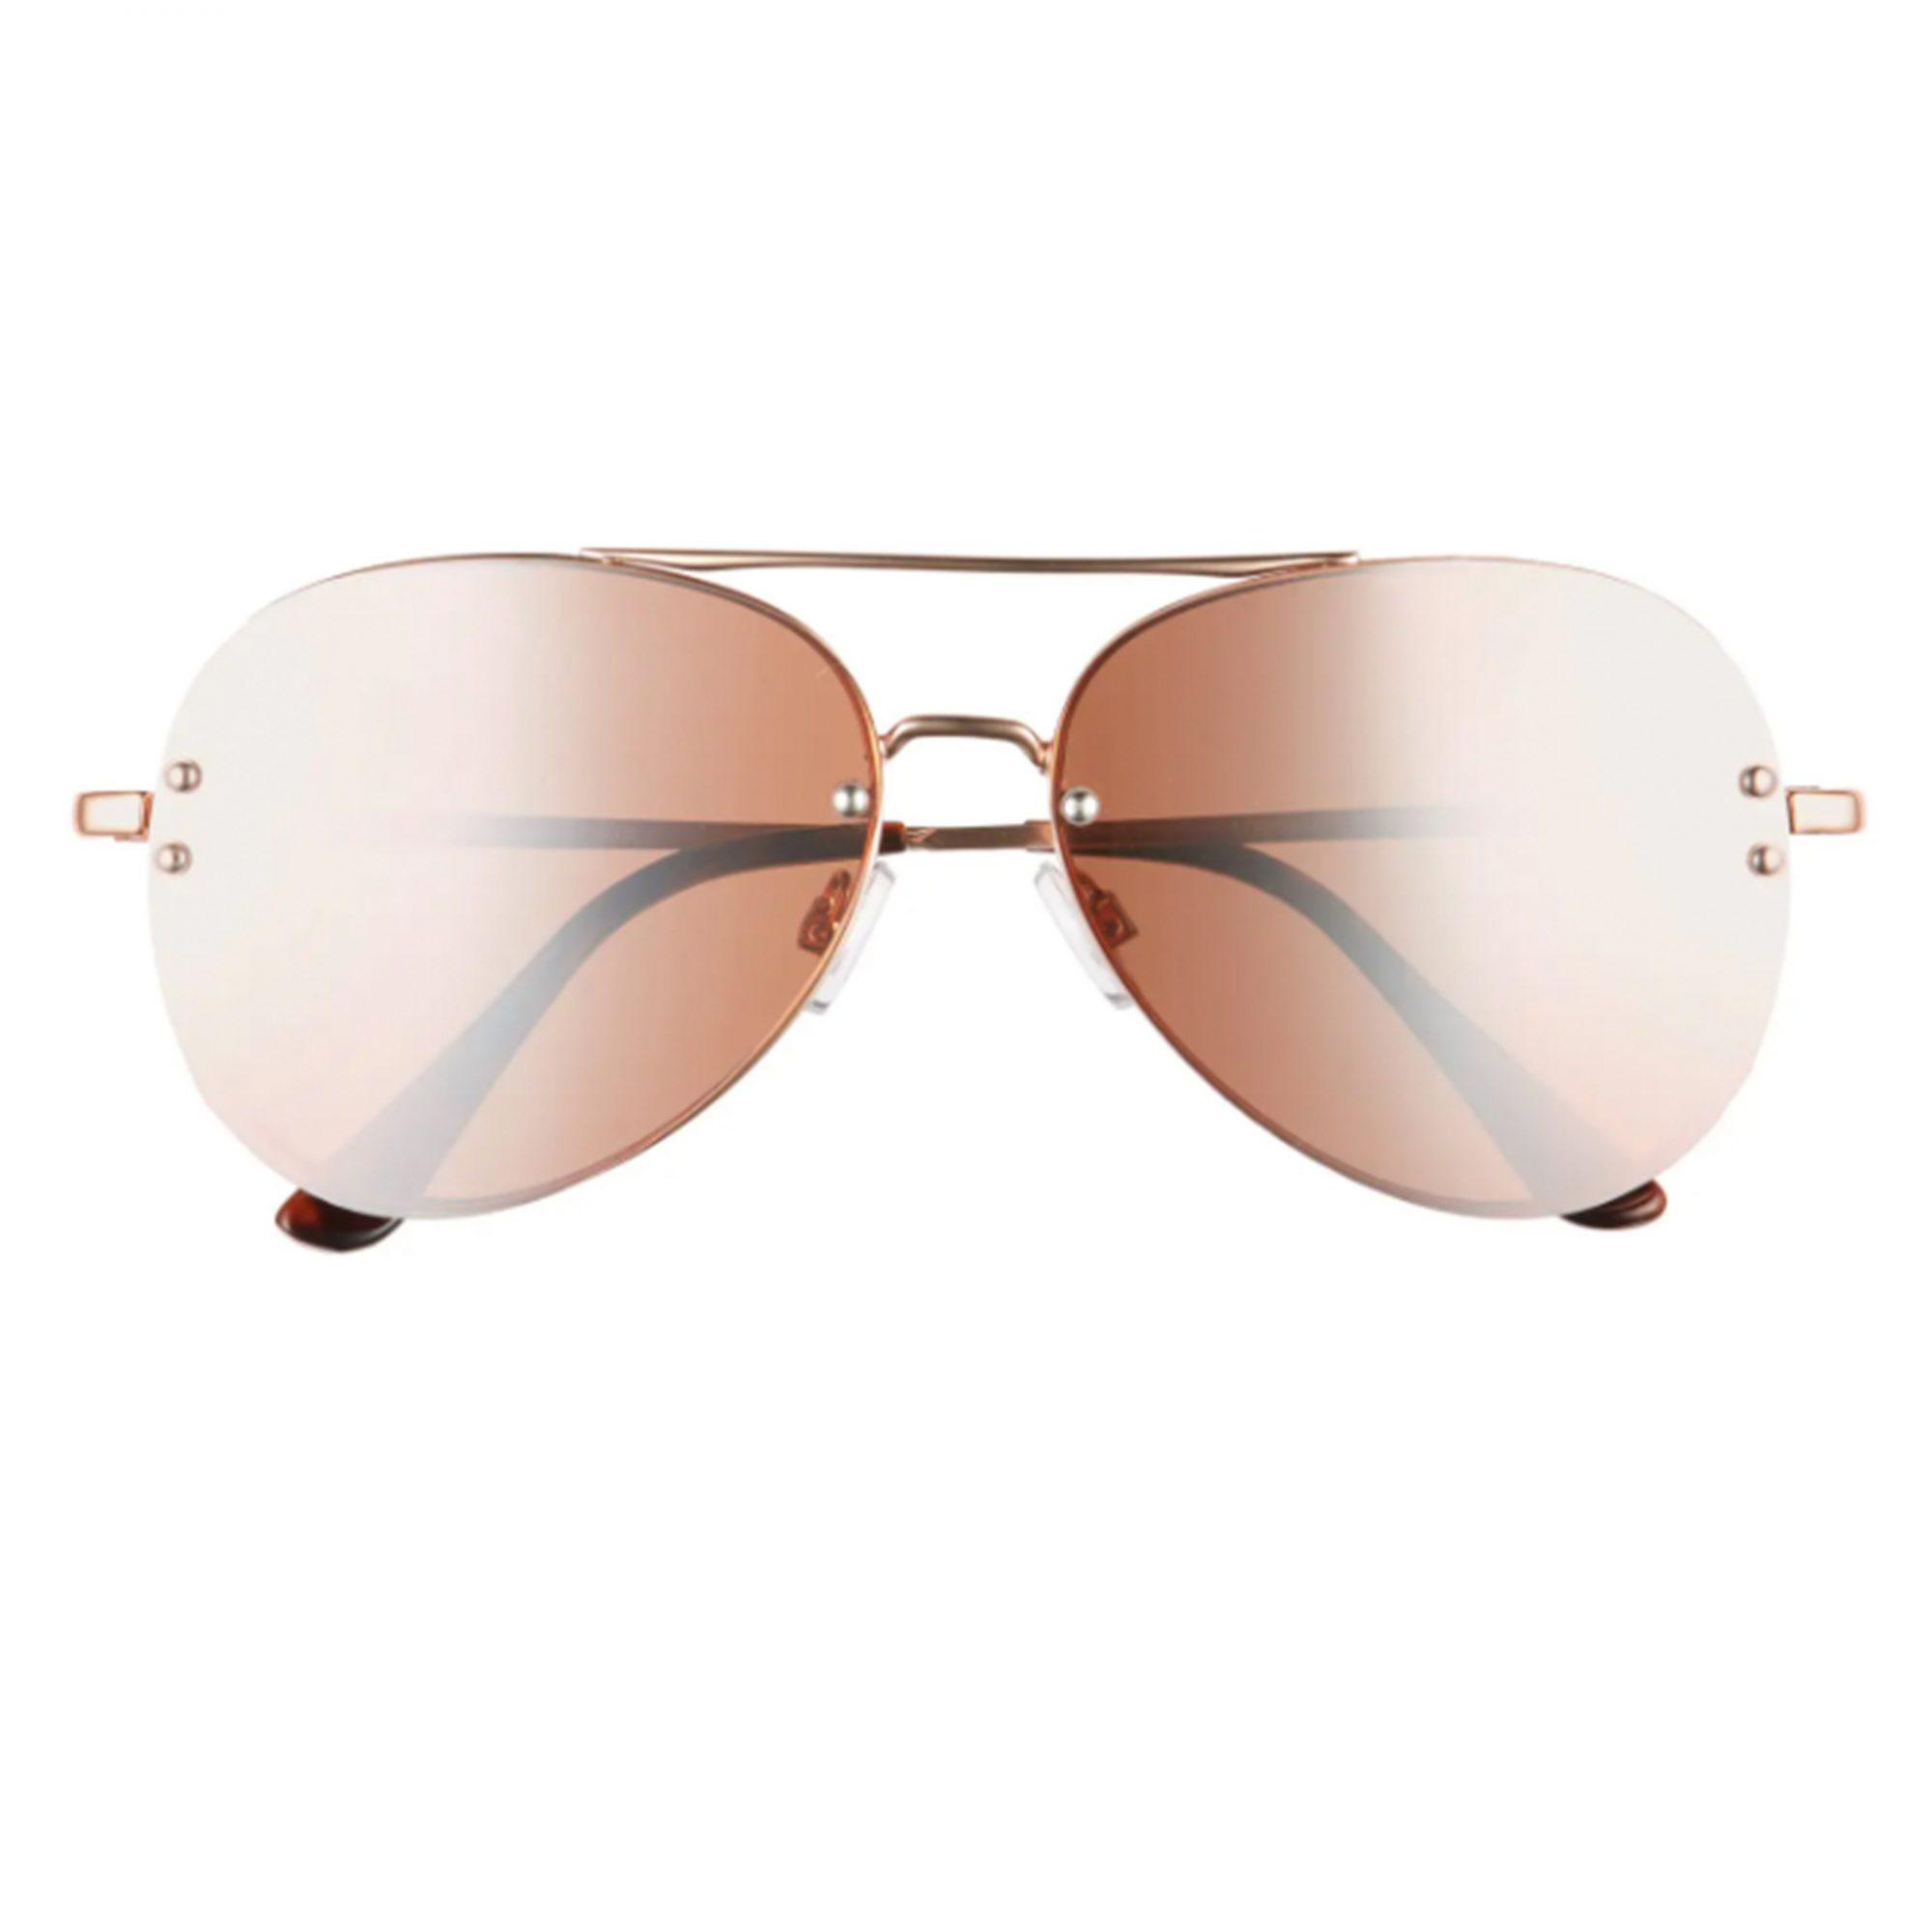 BP-mirrored-aviator-sunglasses